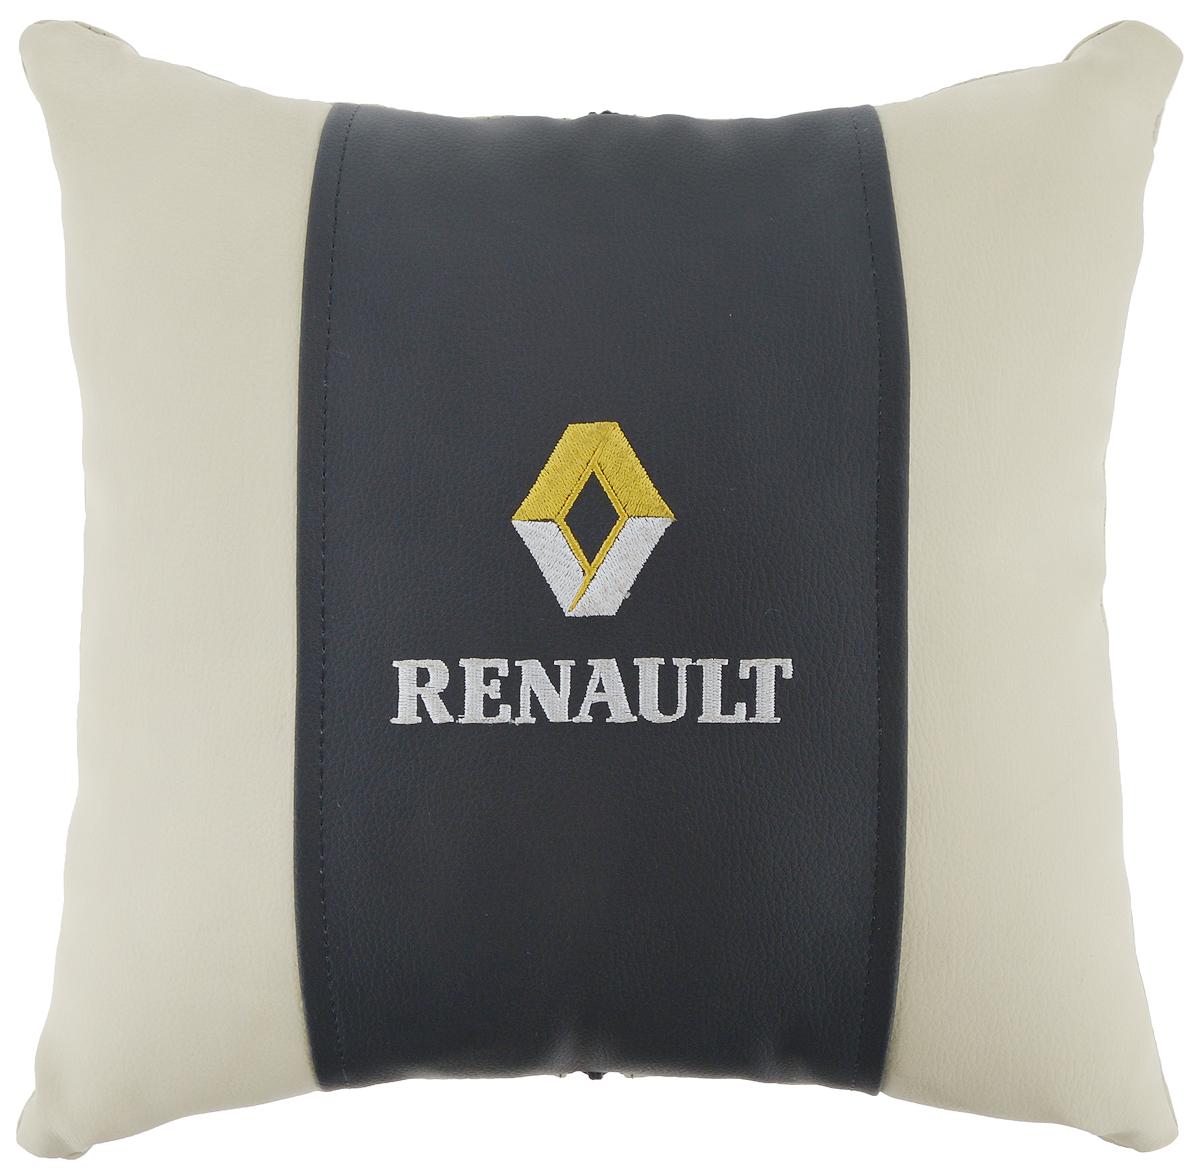 Подушка на сиденье Autoparts Renault, 30 х 30 смМ053Подушка на сиденье Autoparts Renault создана для тех, кто весь свой день вынужден проводить за рулем. Чехол выполнен из высококачественной дышащей экокожи. Наполнителем служит холлофайбер. На задней части подушки имеется змейка.Особенности подушки:- Хорошо проветривается.- Предупреждает потение.- Поддерживает комфортную температуру.- Обминается по форме тела.- Улучшает кровообращение.- Исключает затечные явления.- Предупреждает развитие заболеваний, связанных с сидячим образом жизни. Подушка также будет полезна и дома - при работе за компьютером, школьникам - при выполнении домашних работ, да и в любимом кресле перед телевизором.